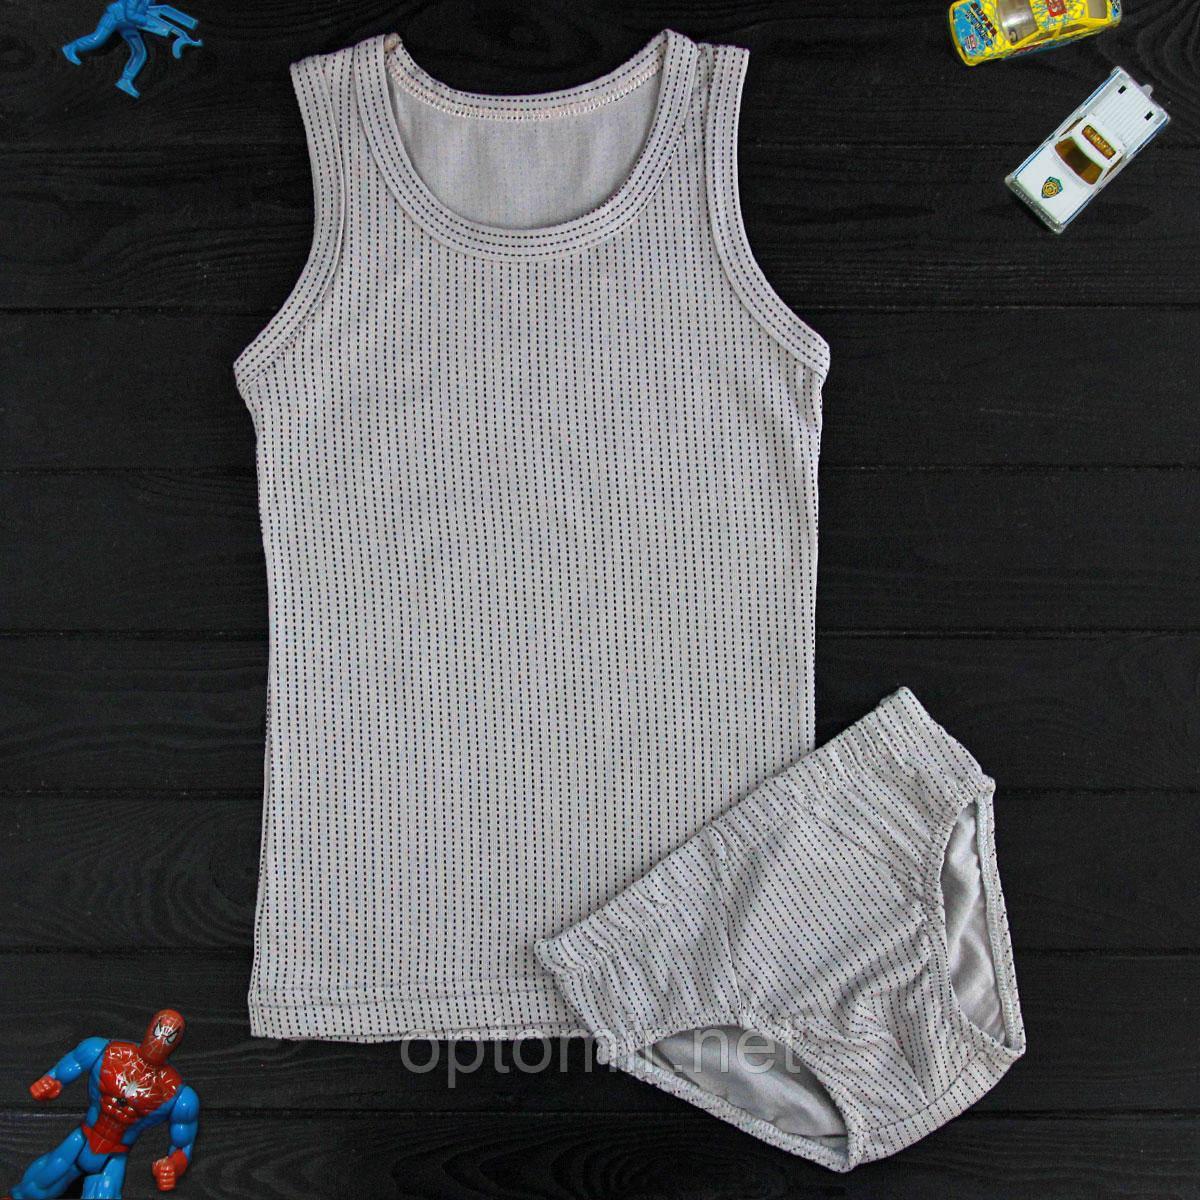 Комплект детский Donella для мальчика на 4/5 лет | 1шт.